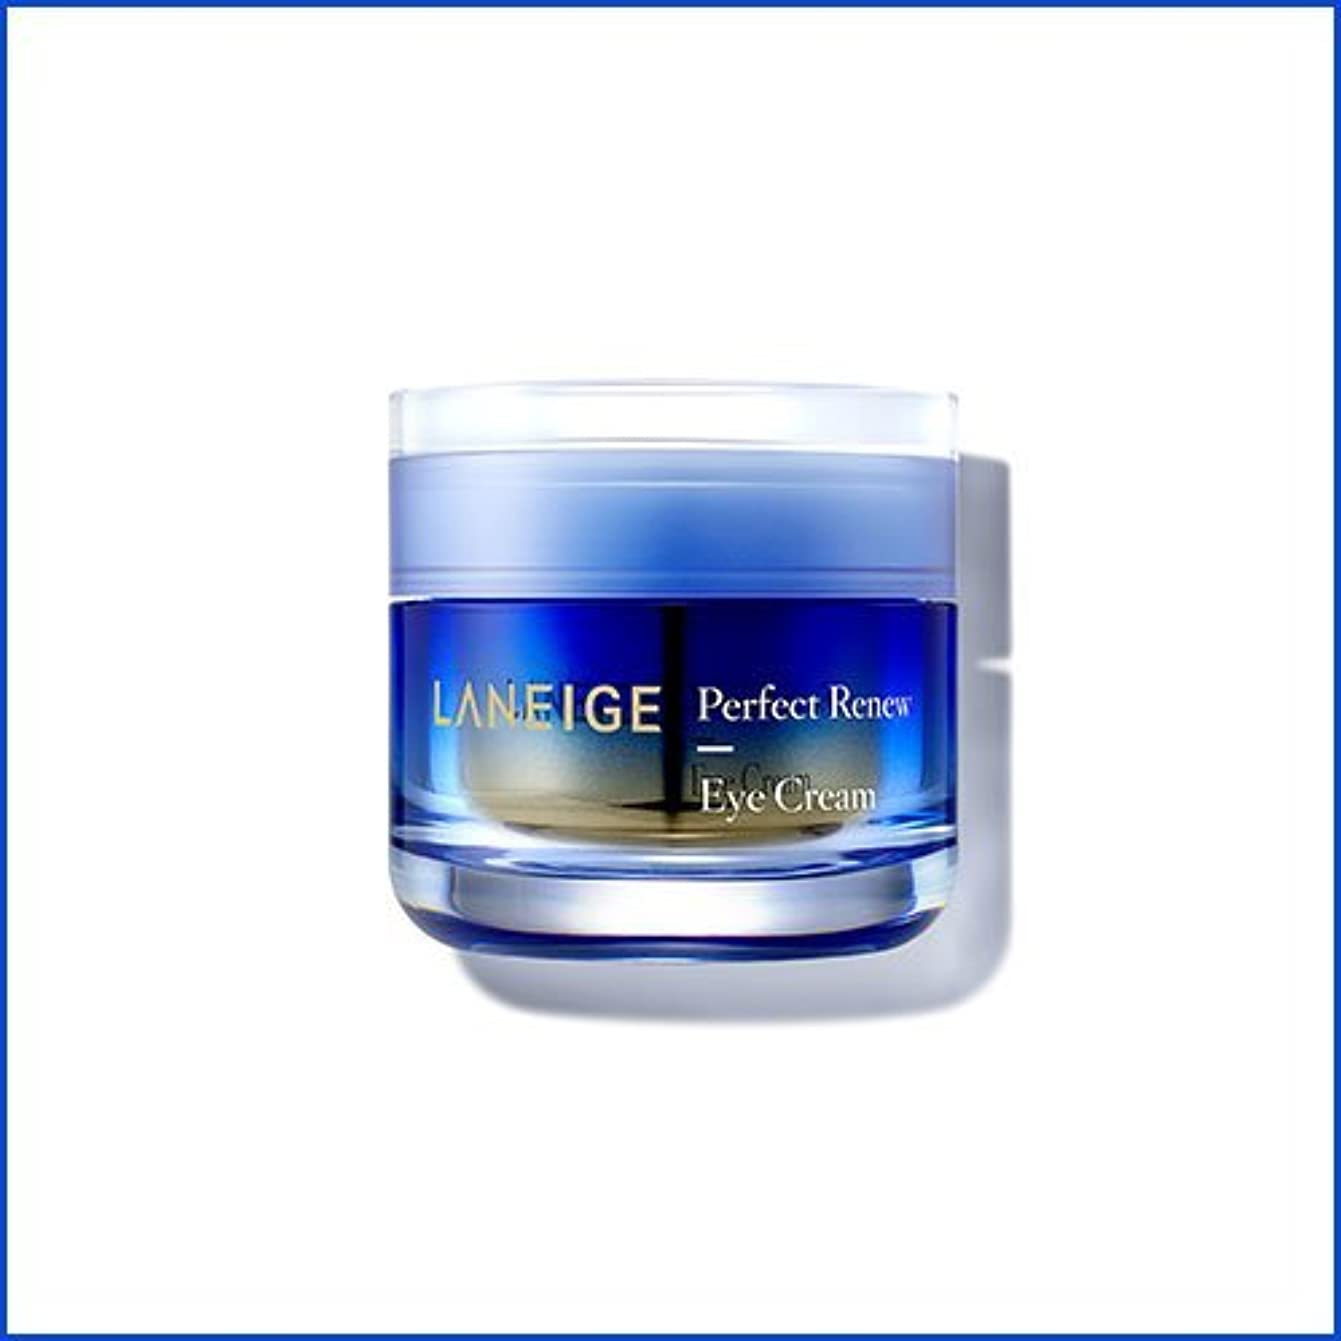 ティーンエイジャー識字略語【ラネージュ】【LANEIGE】【韓国コスメ】【アイクリーム 】 パーフェクト リニュー アイ クリーム 20ml Perfect Renew Eye Cream [並行輸入品]